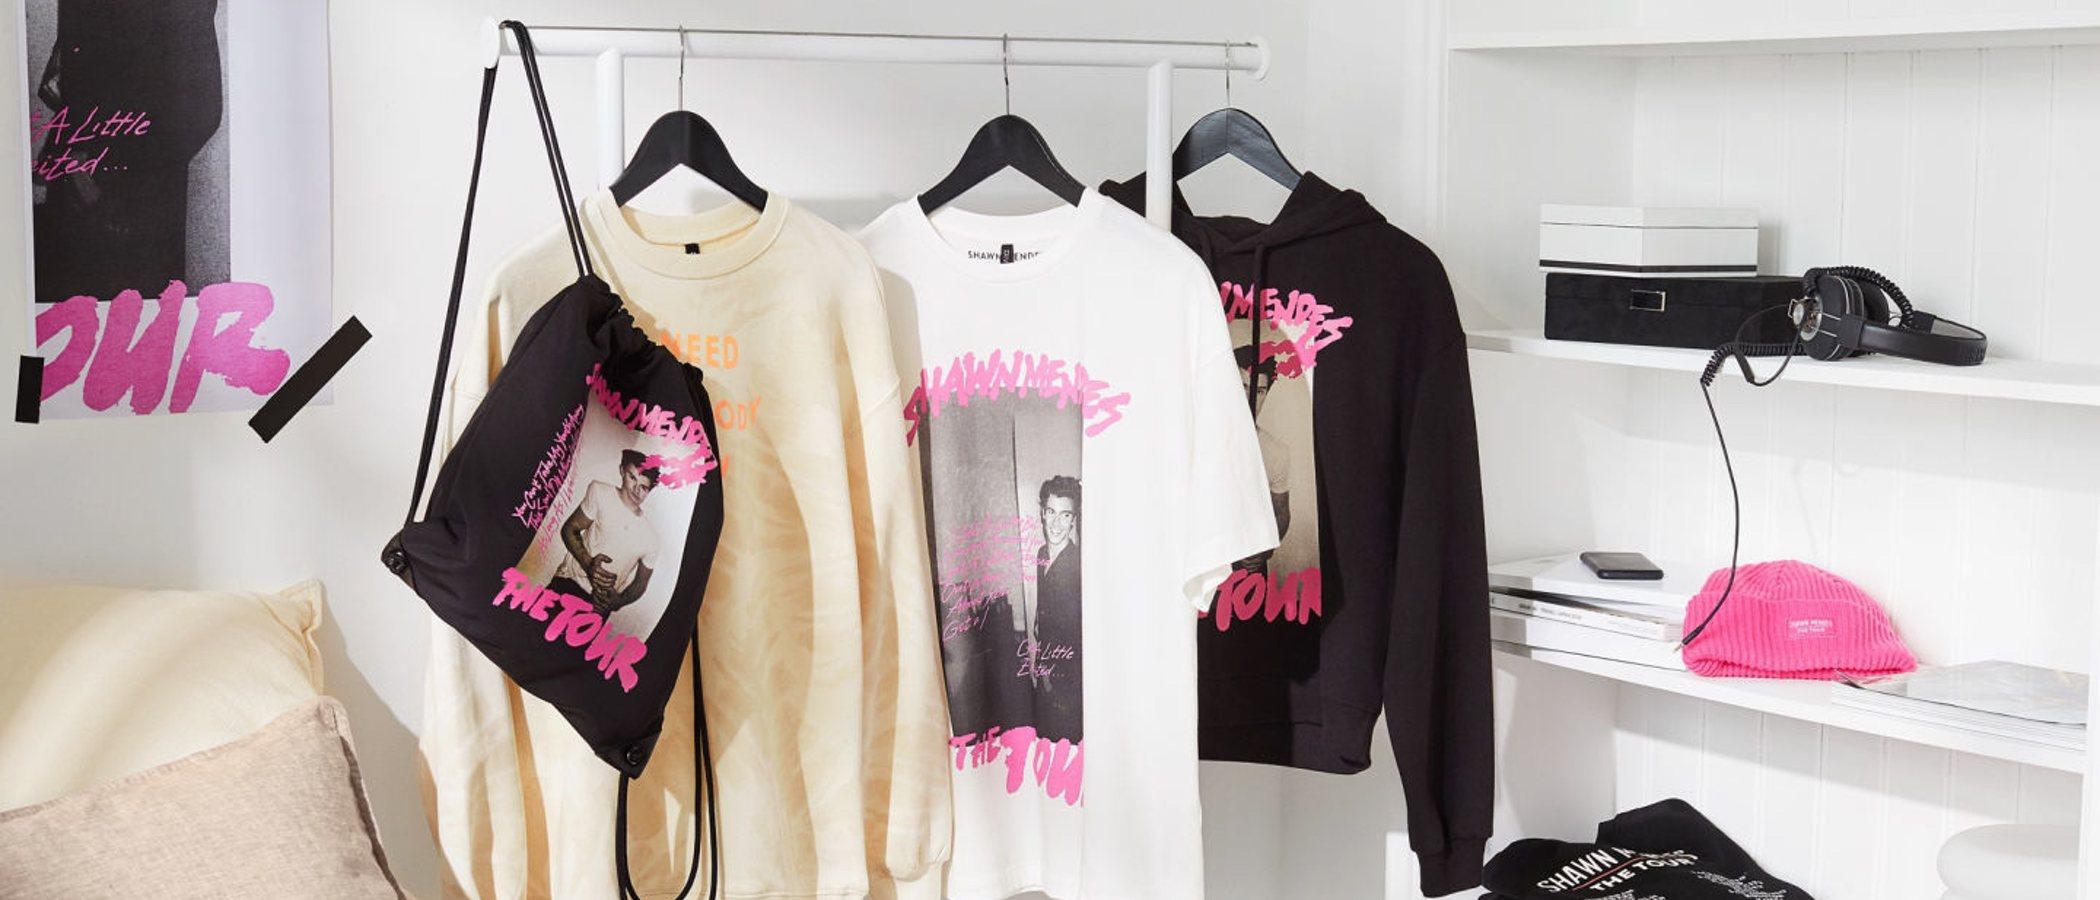 H&M lanza una colección cápsula con Shawn Mendes que promete ser un éxito rotundo